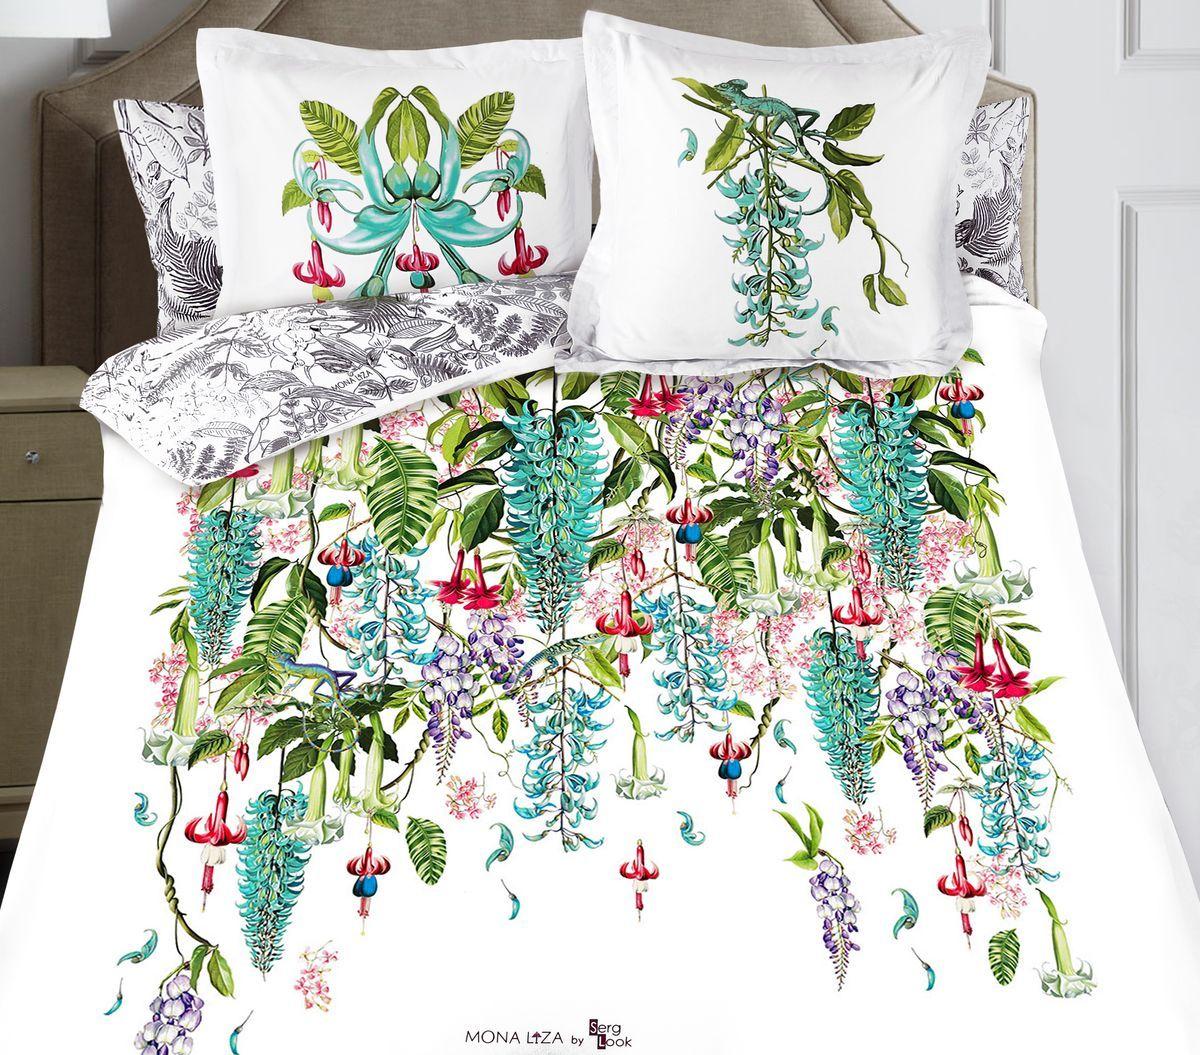 Комплект белья Mona Liza Jade, 2-спальный, наволочки 50x70, 70x708/6Флоральные мотивы редких экзотических цветов, переведенные в паттерн, позаимствованы из путешествий по тропическим лесам, будоражат воображение природными сочетаниями цветовых палитр и роскошью принтов. Коллекция принесет в ваш дом незабываемое настроение и добавит колорит. Высококачественный сатин окутает и позволит раствориться в мечтах о дальних жарких странах и окунуться во время вечного лета!